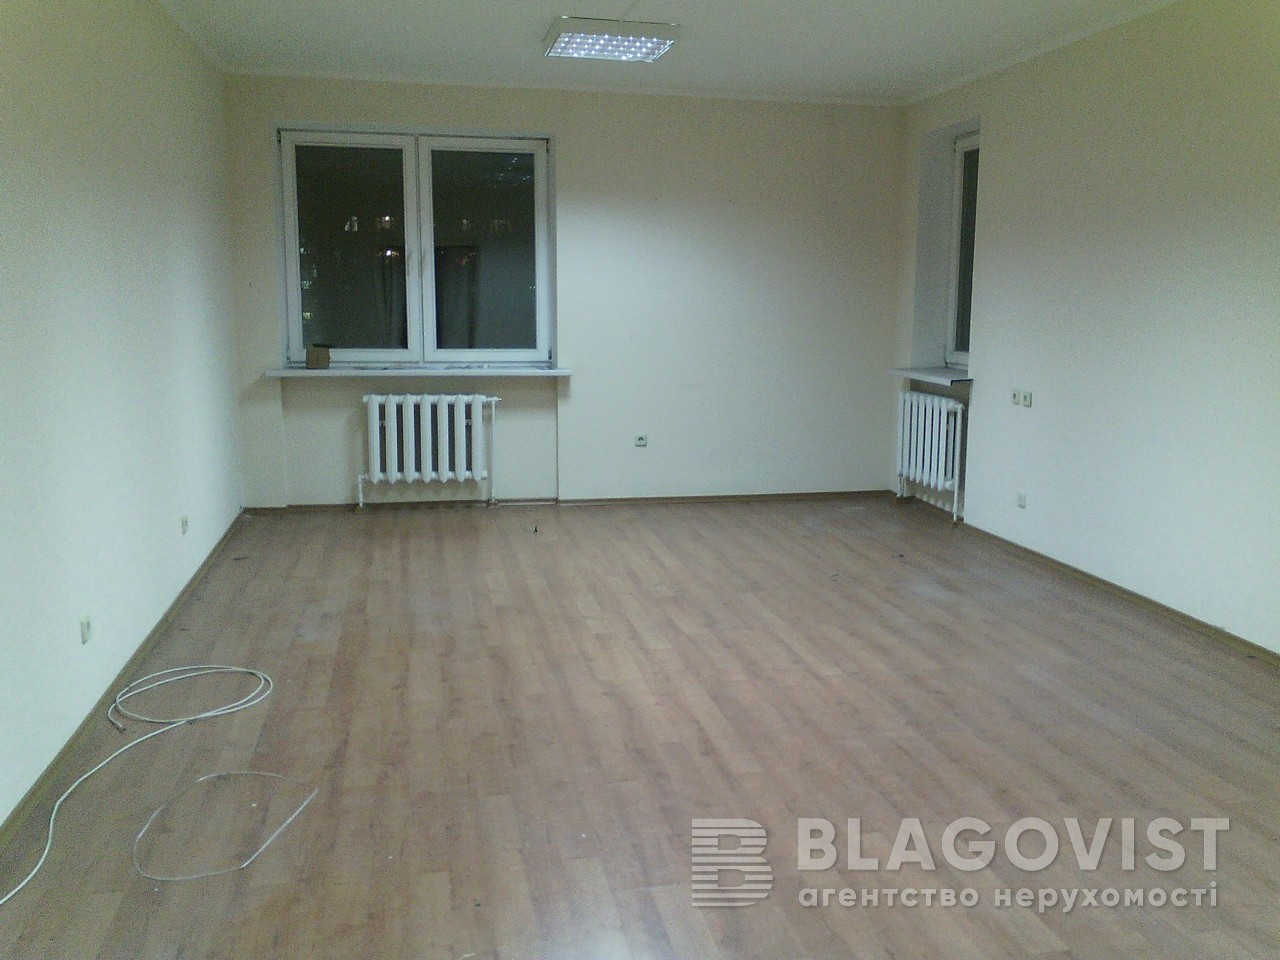 Офис, H-3299, Ковальский пер., Киев - Фото 5